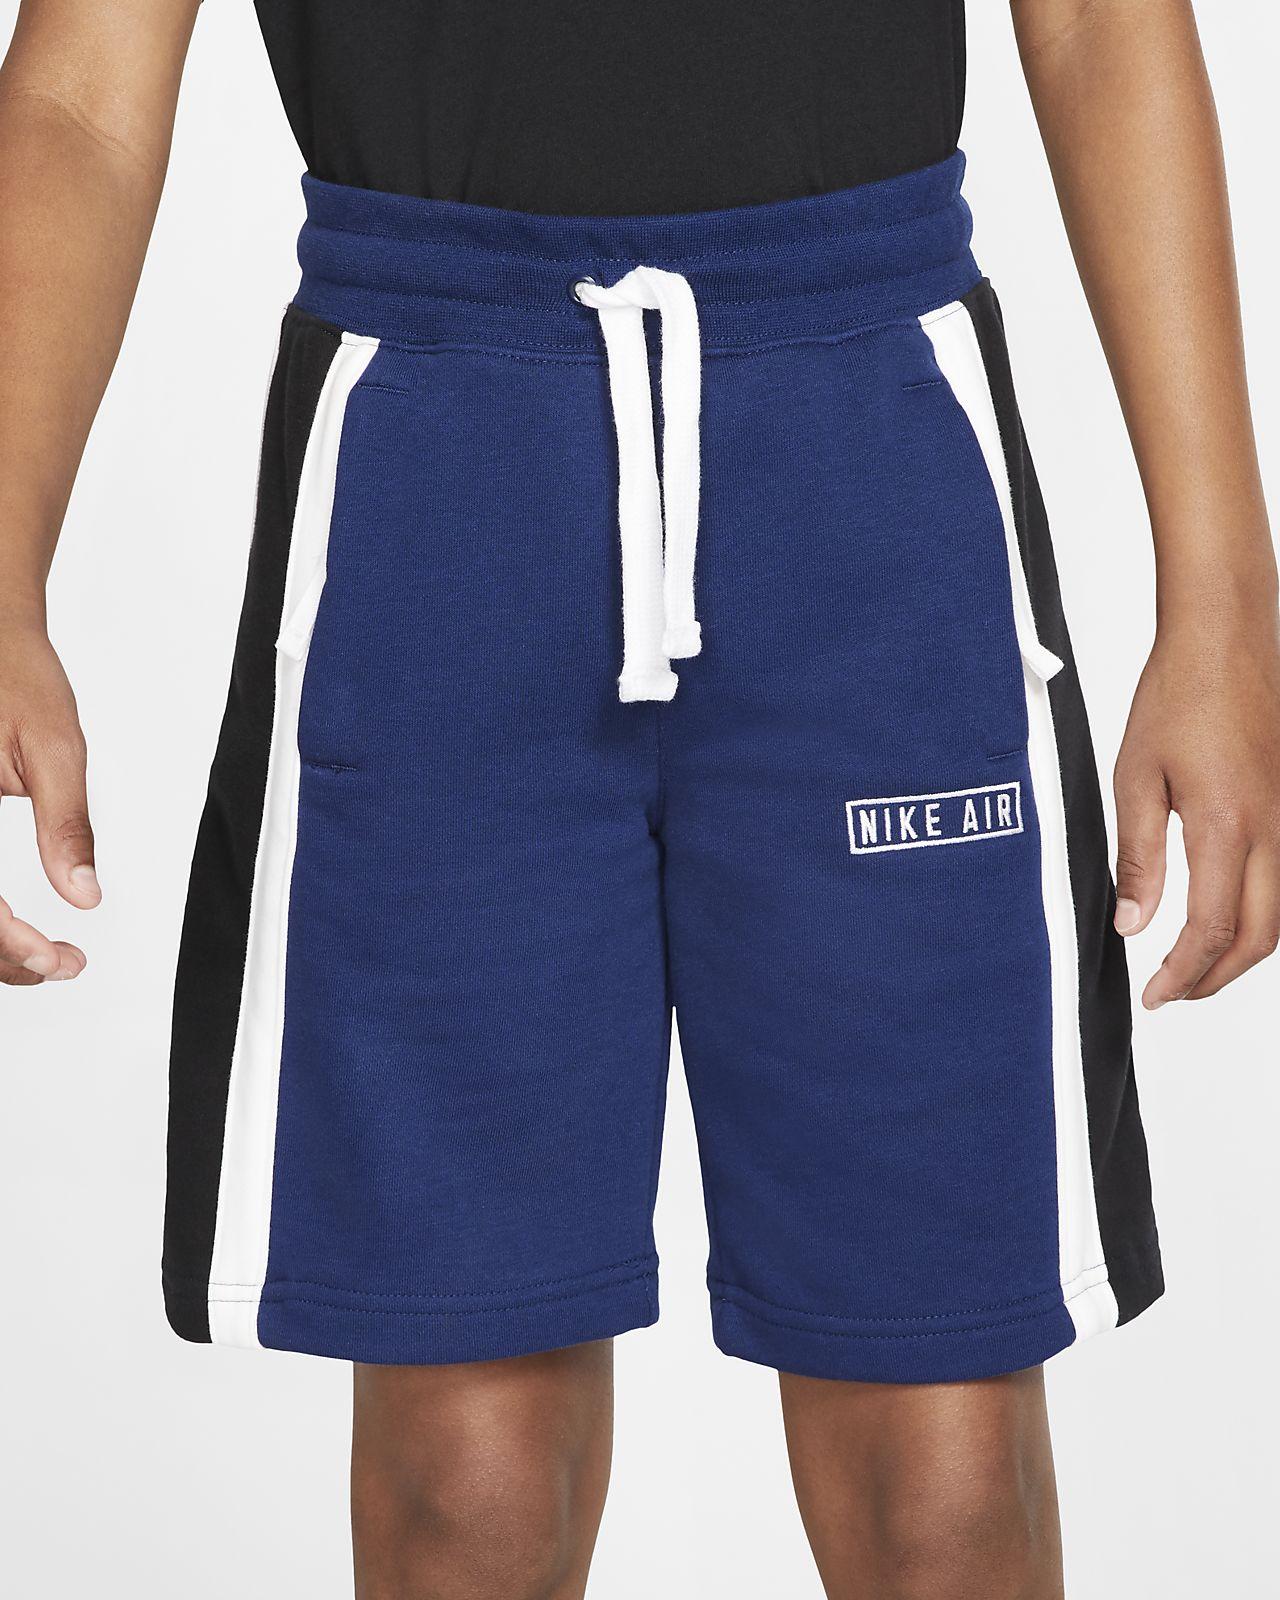 Nike Air 大童(男孩)短裤